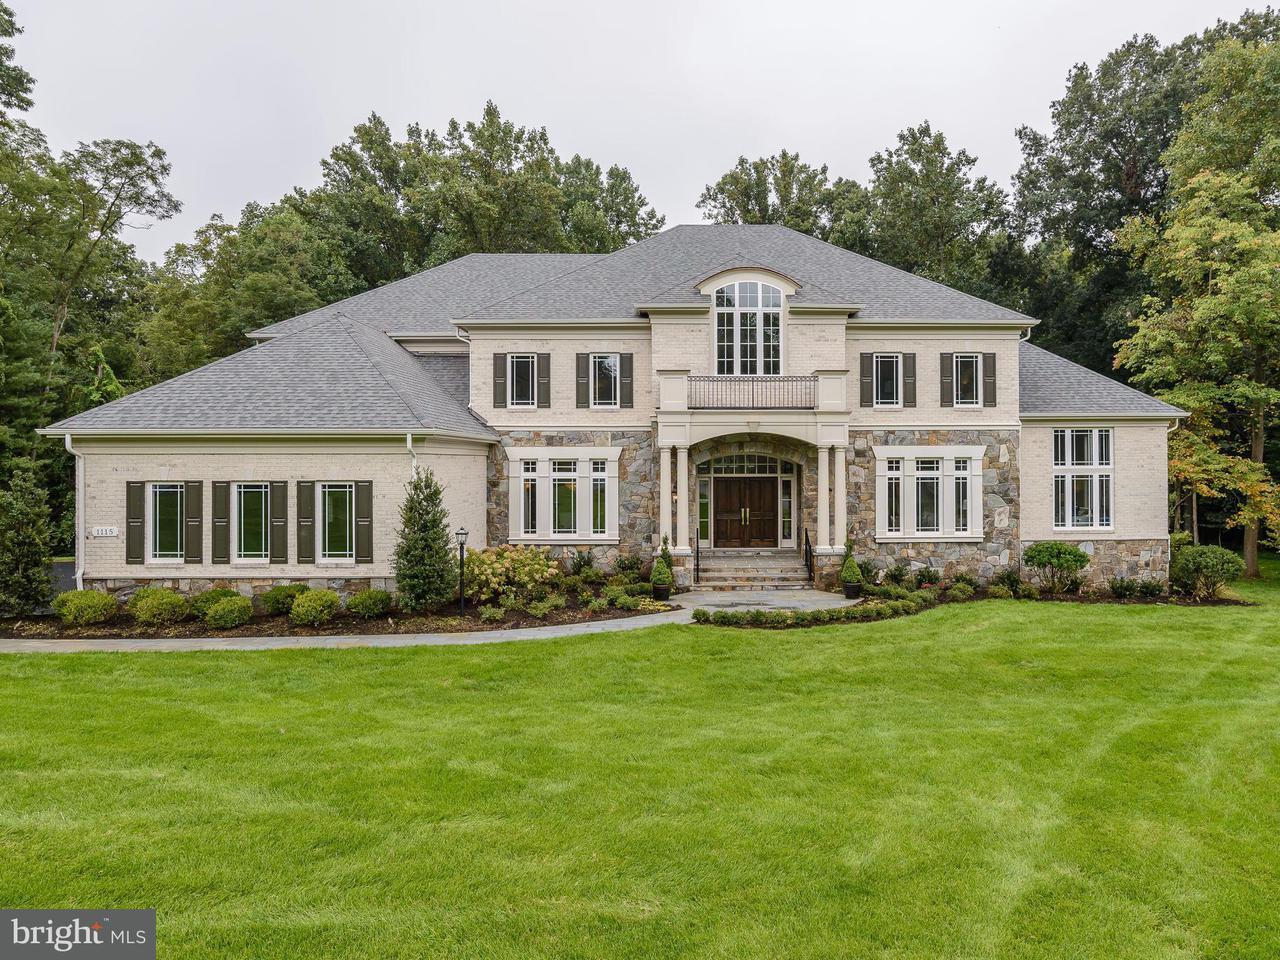 Частный односемейный дом для того Продажа на HARLEY ROAD HOMESITE 4 HARLEY ROAD HOMESITE 4 Lorton, Виргиния 22079 Соединенные Штаты